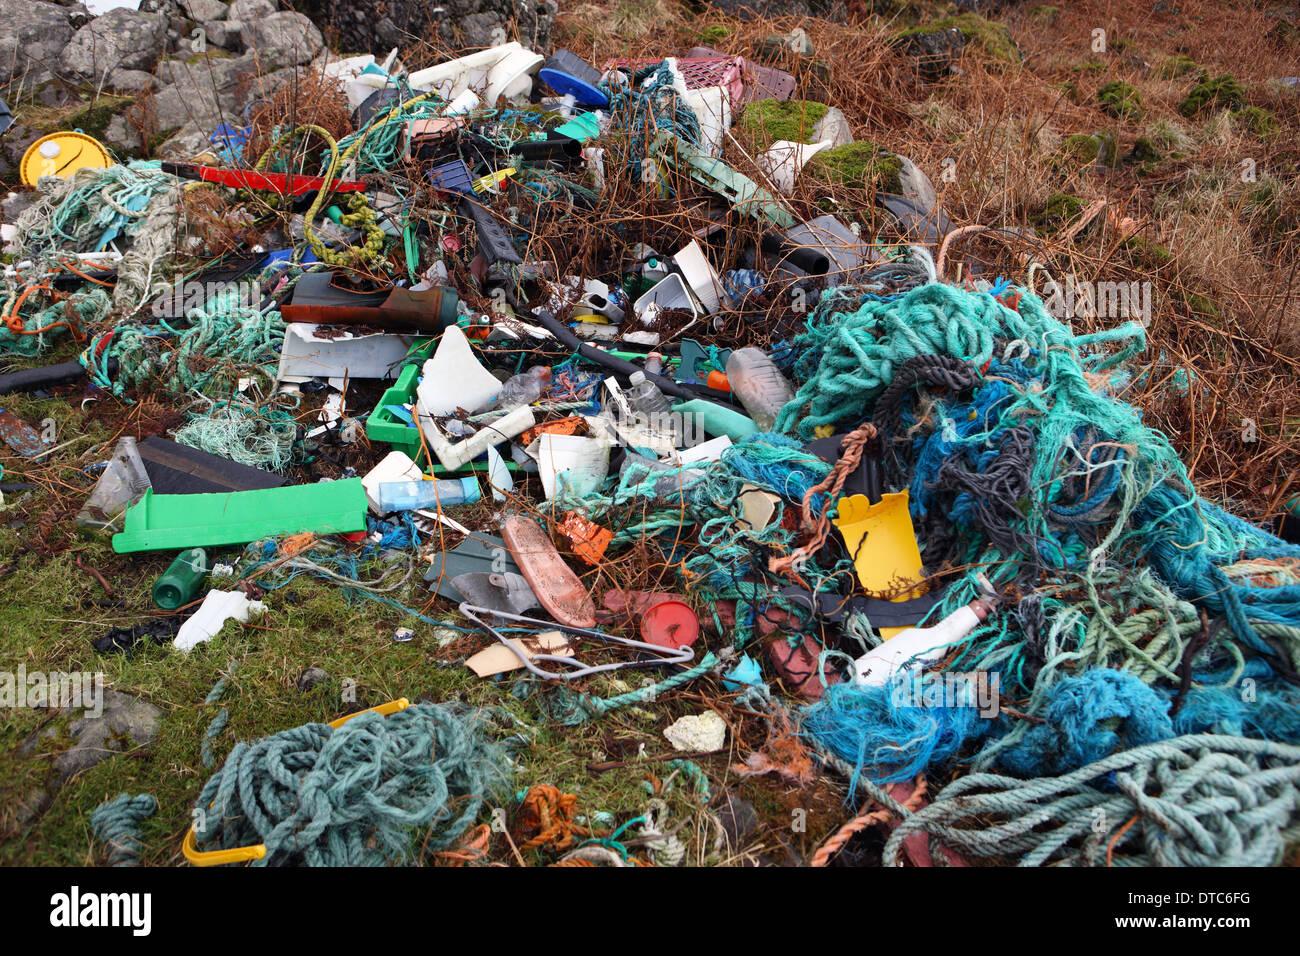 Flotsam and jetsam washed up on UK coastline - Stock Image